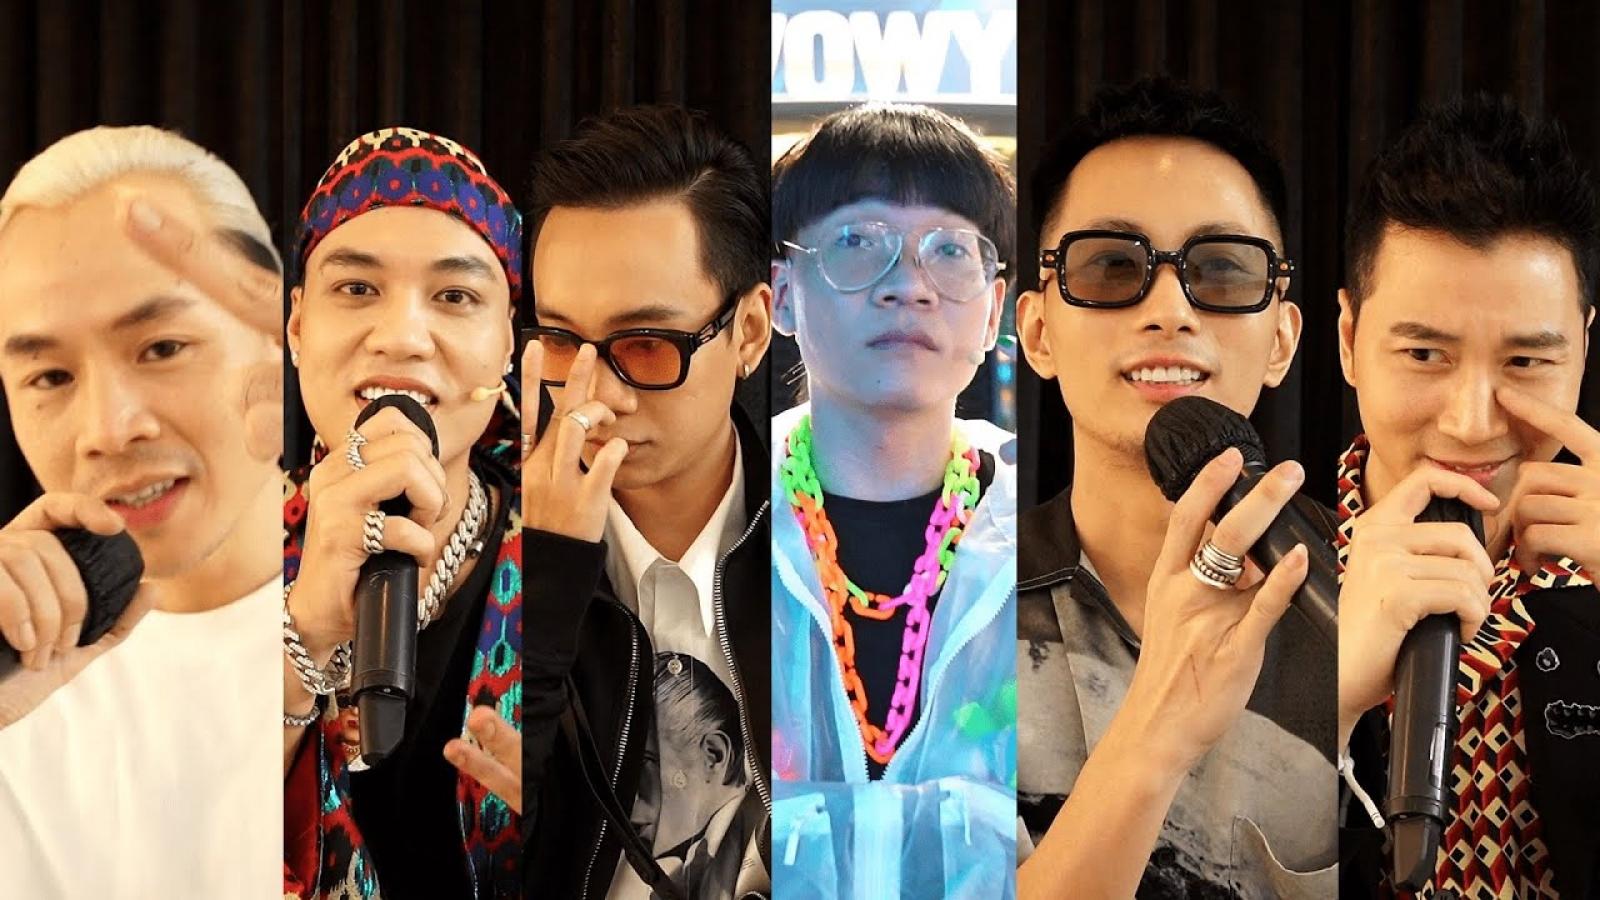 Binz, Karik và dàn HLV, giám khảo quyền lực hào hứng trở lại Rap Việt mùa 2